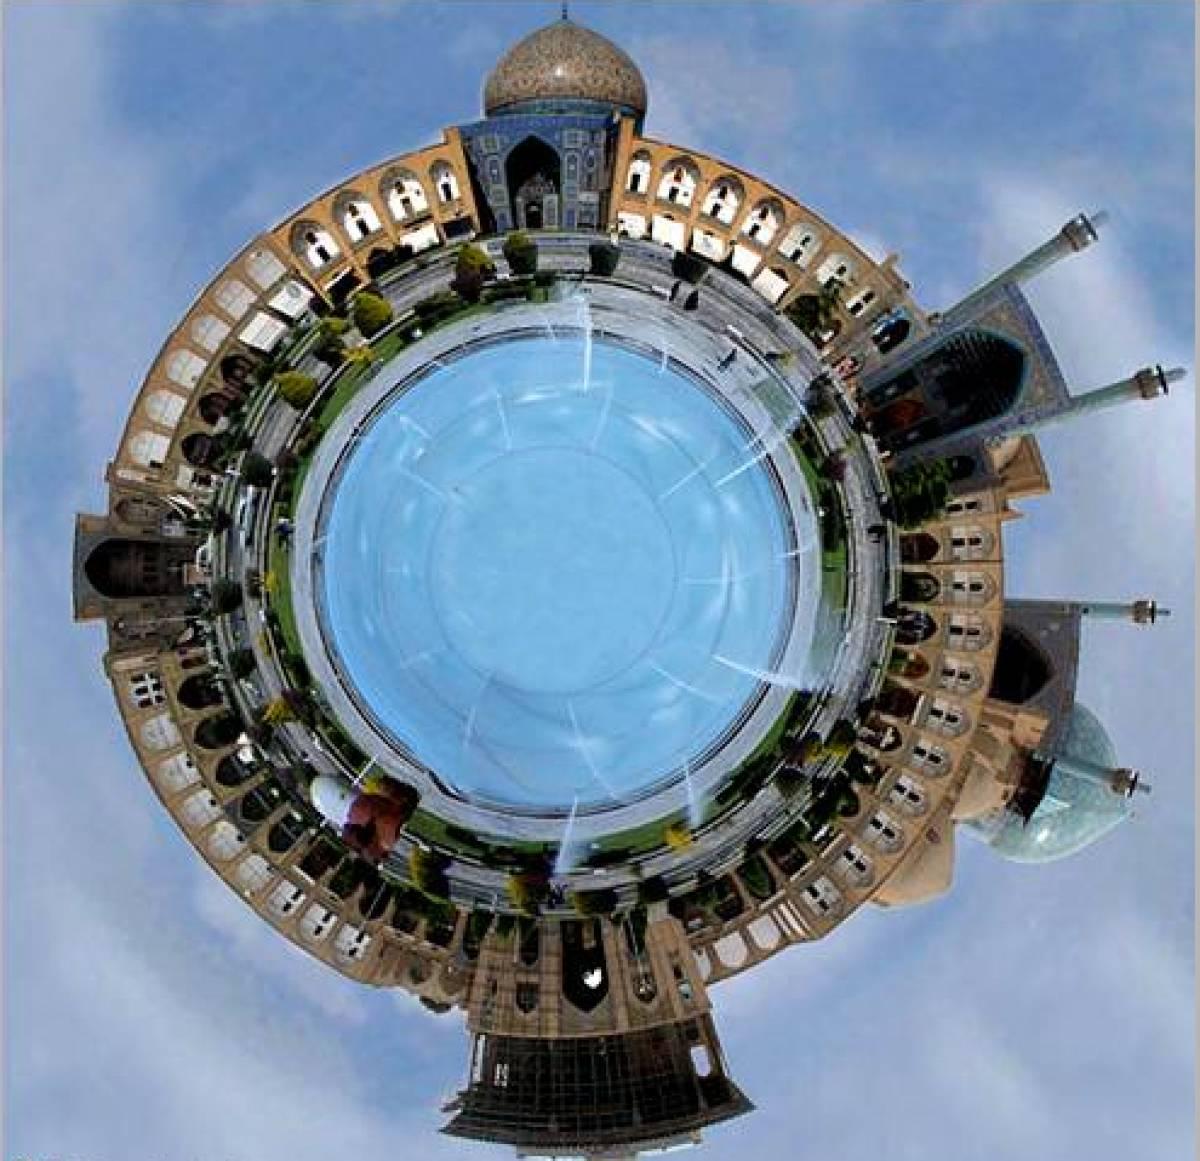 پروژه پاورپوینت شناخت فضای شهری